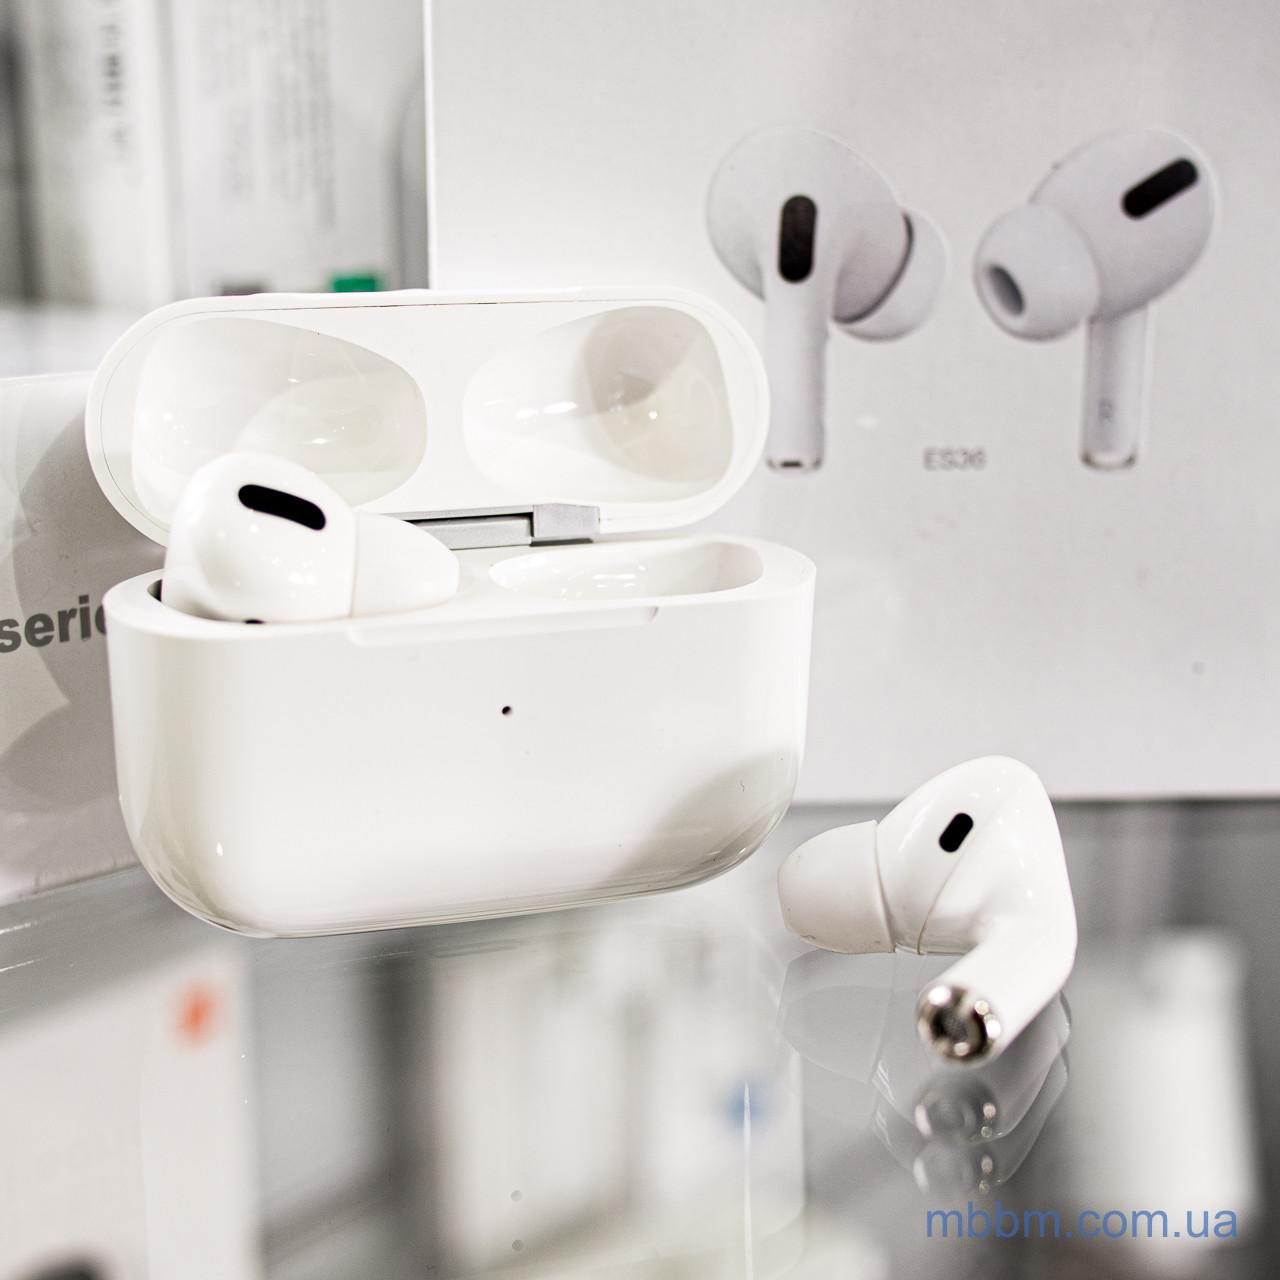 Беспроводные наушники Bluetooth hoco. ES36 Original +Чехол в подарок! Пластик Без крепления Наушники Белый Внутриканальные Apple Lightning USB A